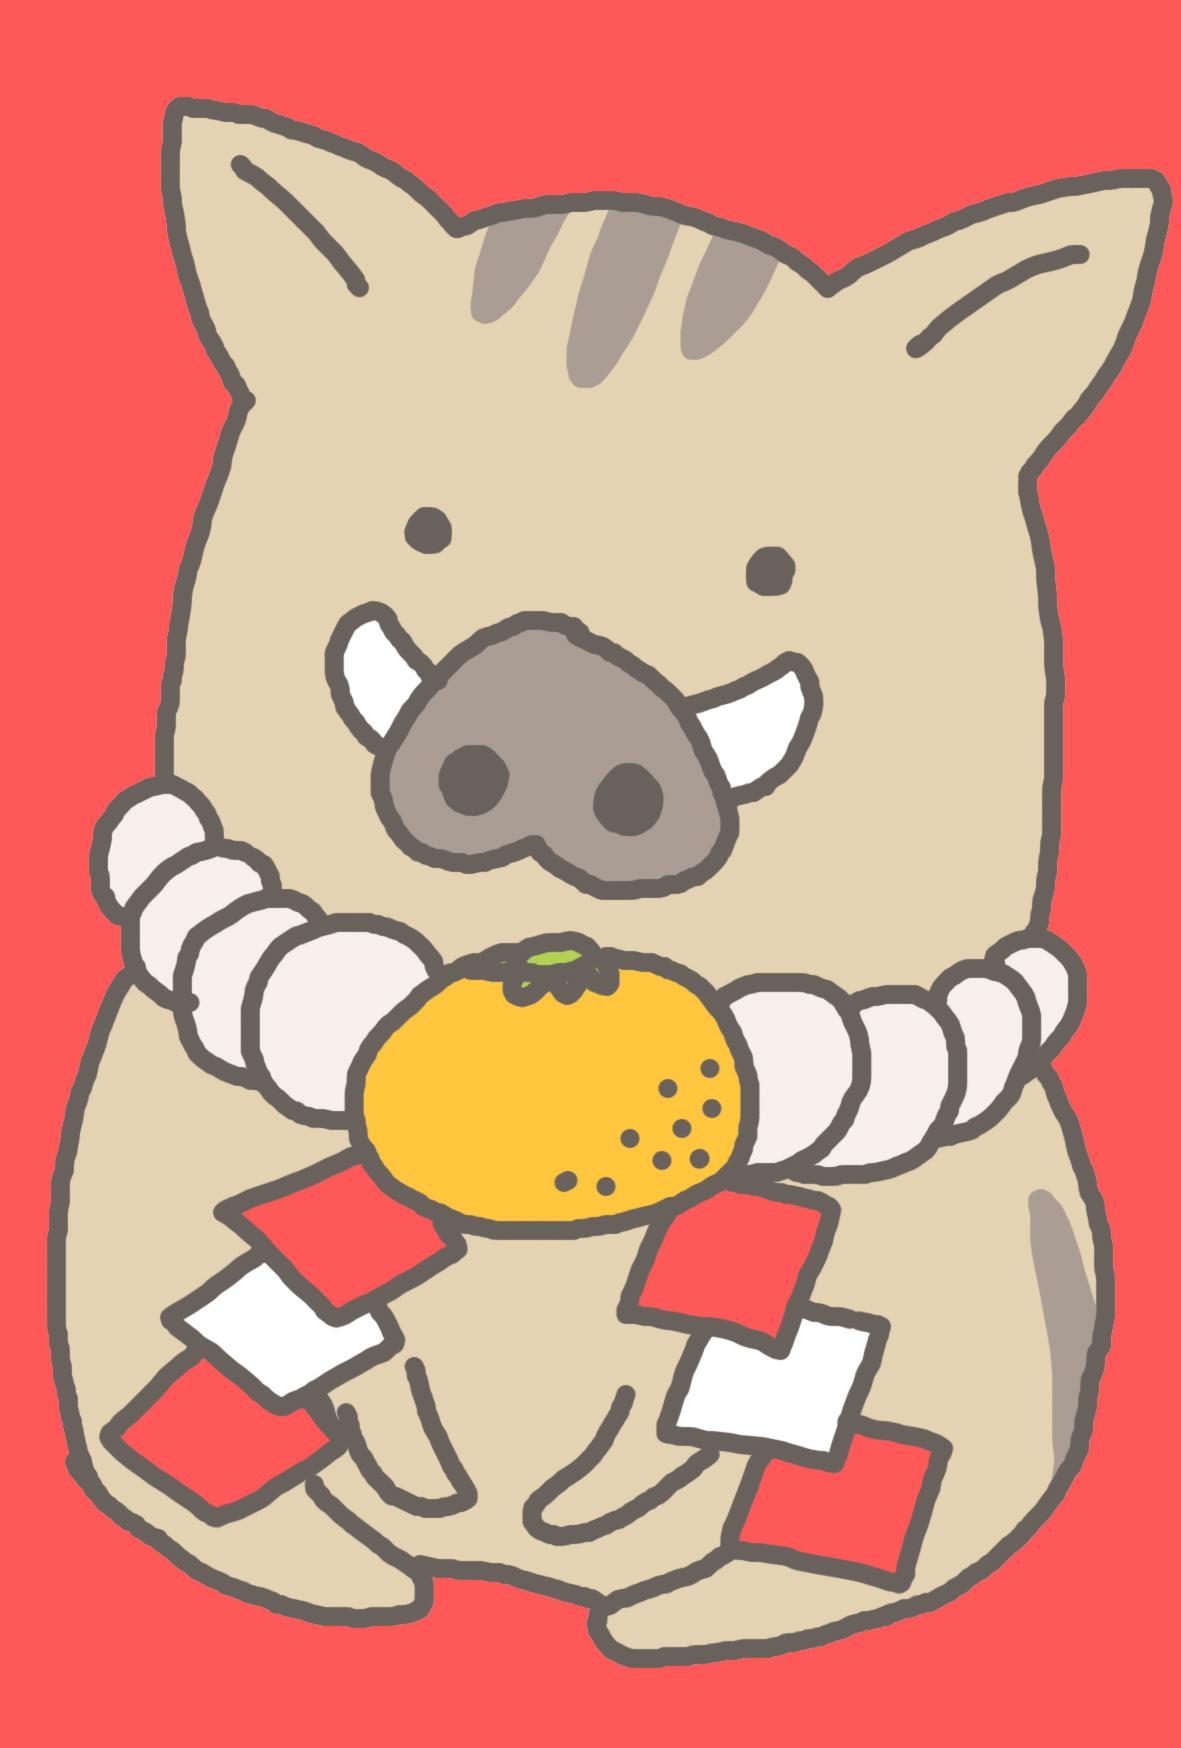 亥年可愛い猪イラスト年賀状しめ縄といのしし赤背景